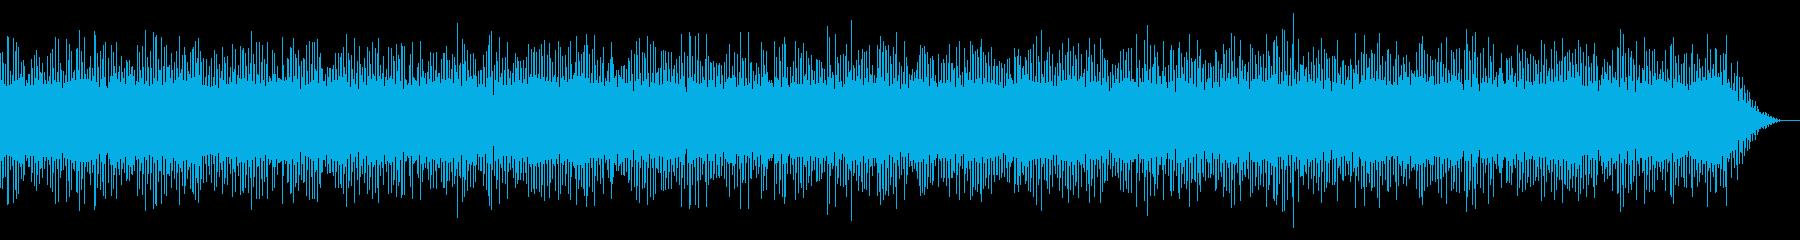 電流ビリビリの再生済みの波形